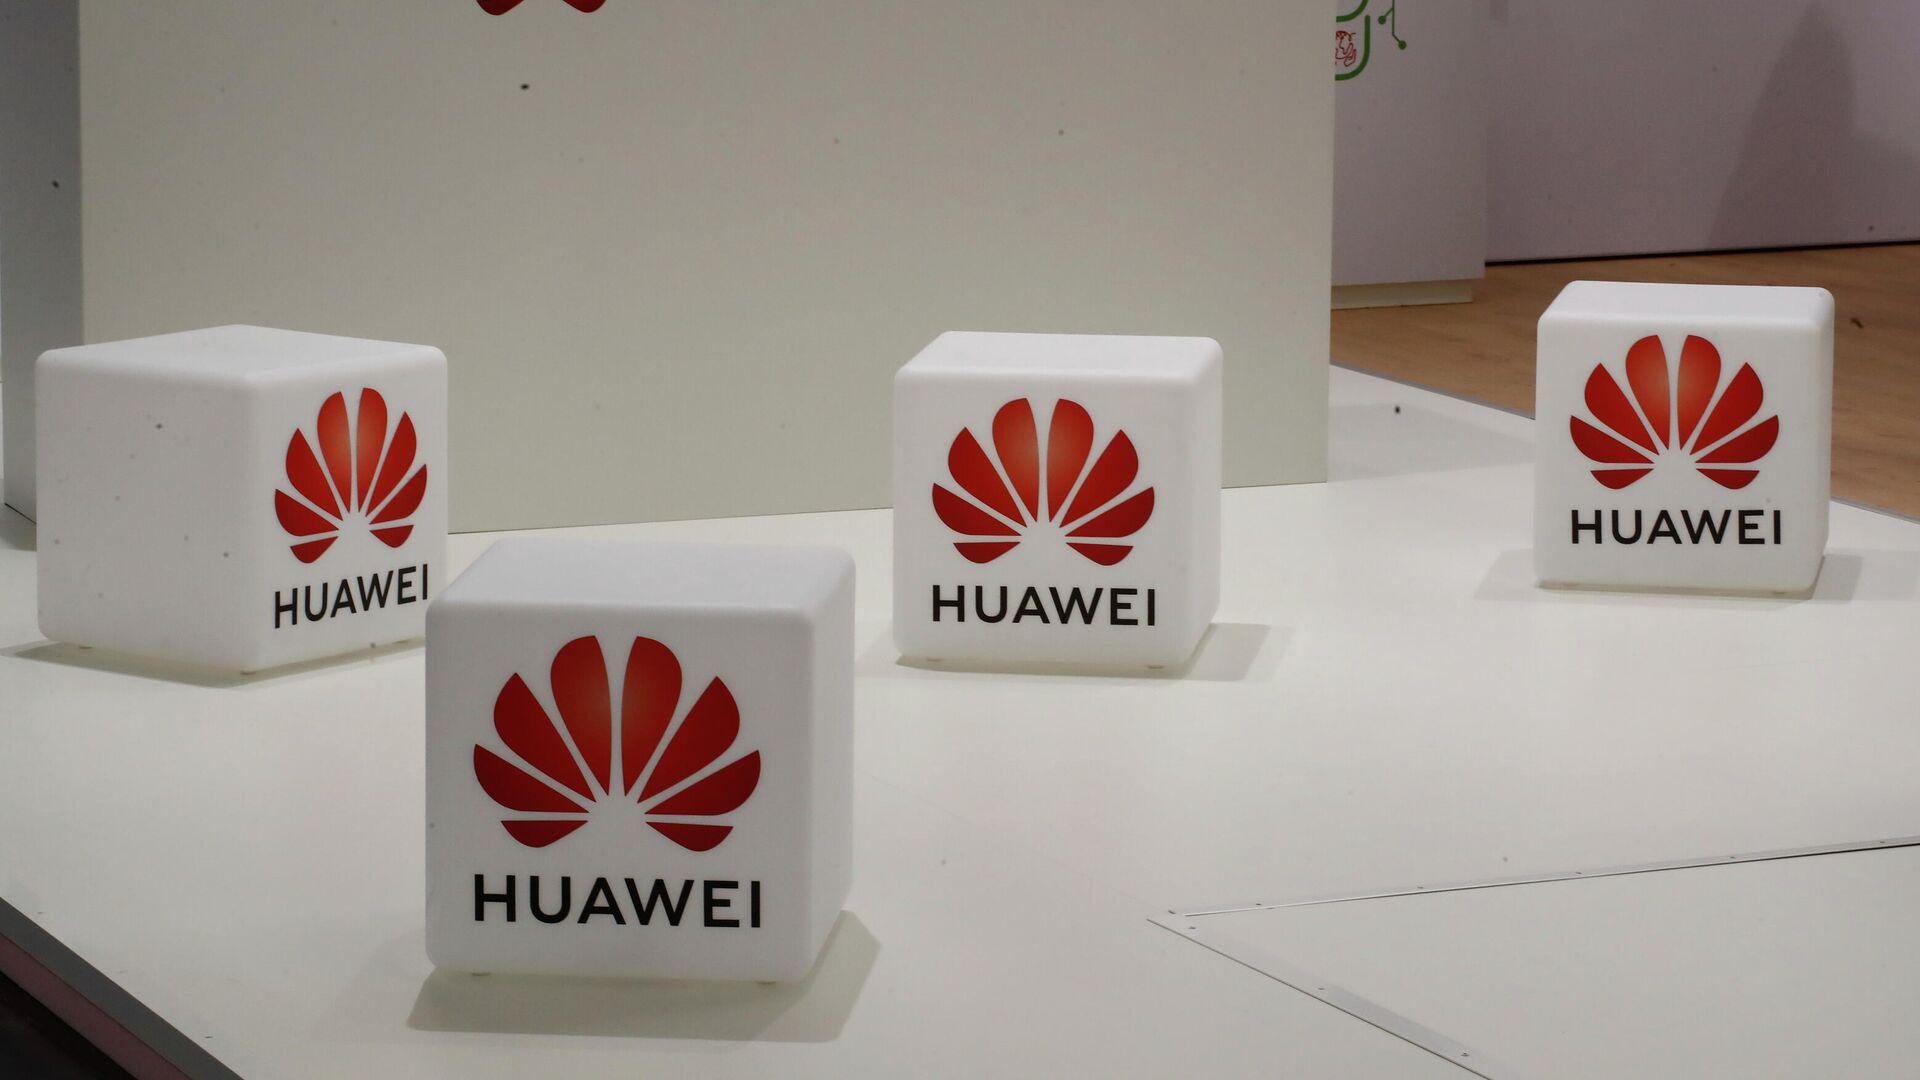 Cubos con el logo de Huawei - Sputnik Mundo, 1920, 15.09.2021